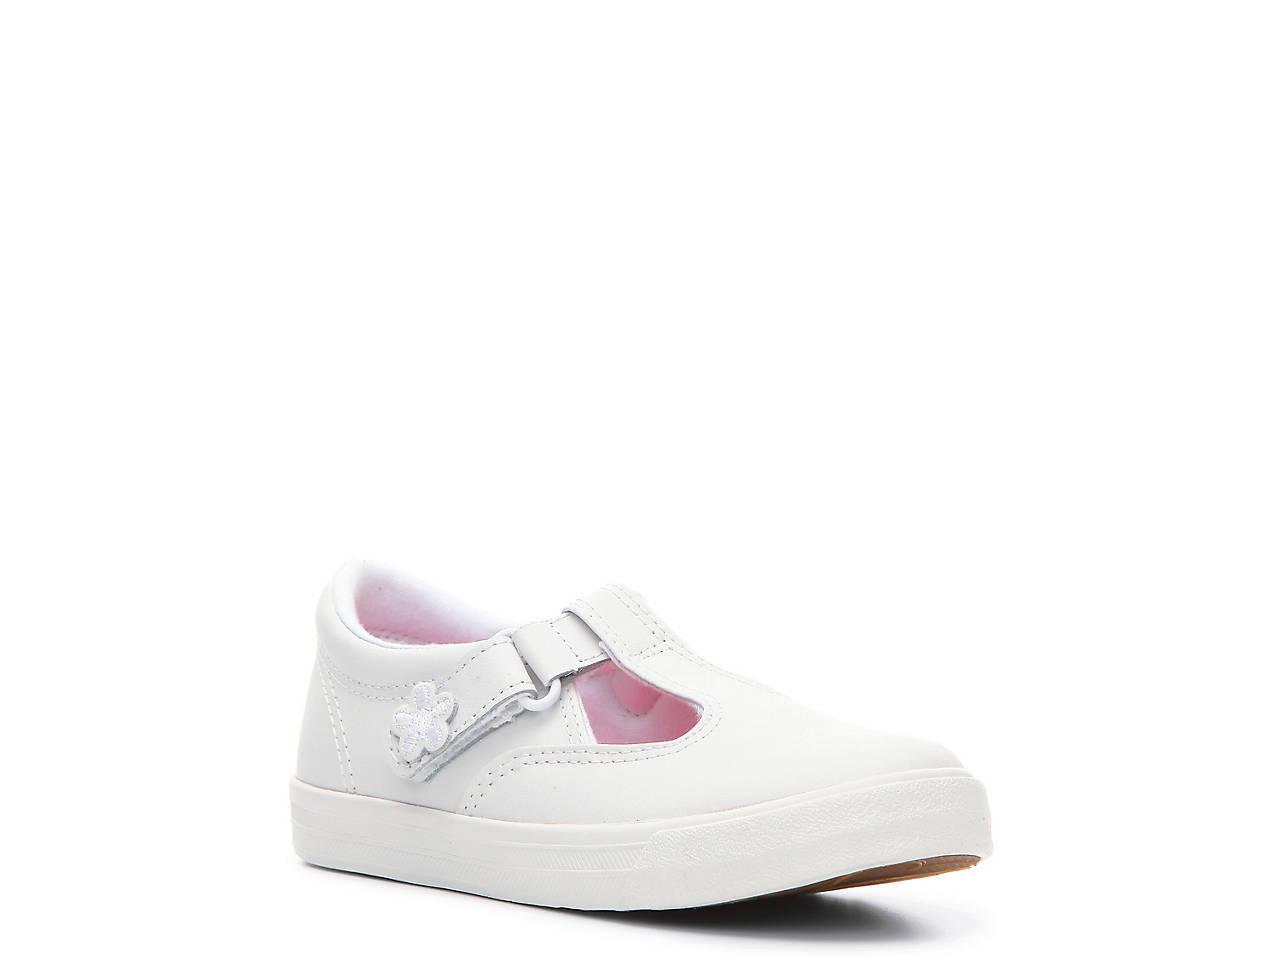 40d290fdf726 Keds Daphne Infant   Toddler Sneaker Kids Shoes